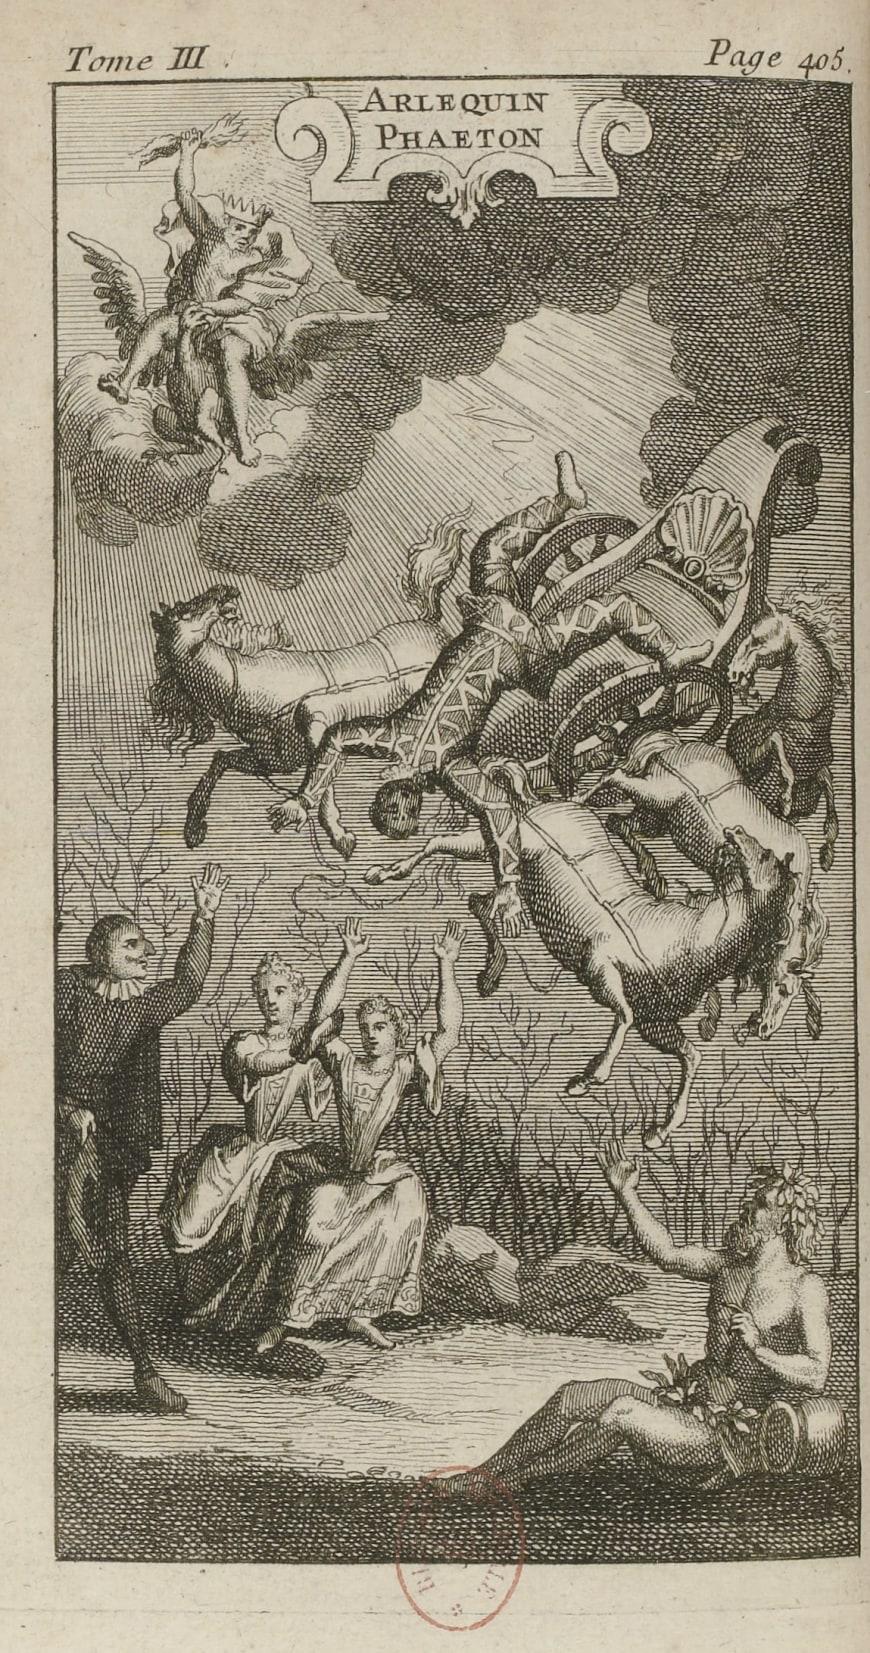 Jean de Palaprat, Arlequin Phaéton (1692), dans Le Théâtre italien de Gherardi, frontispice gravé, 1741